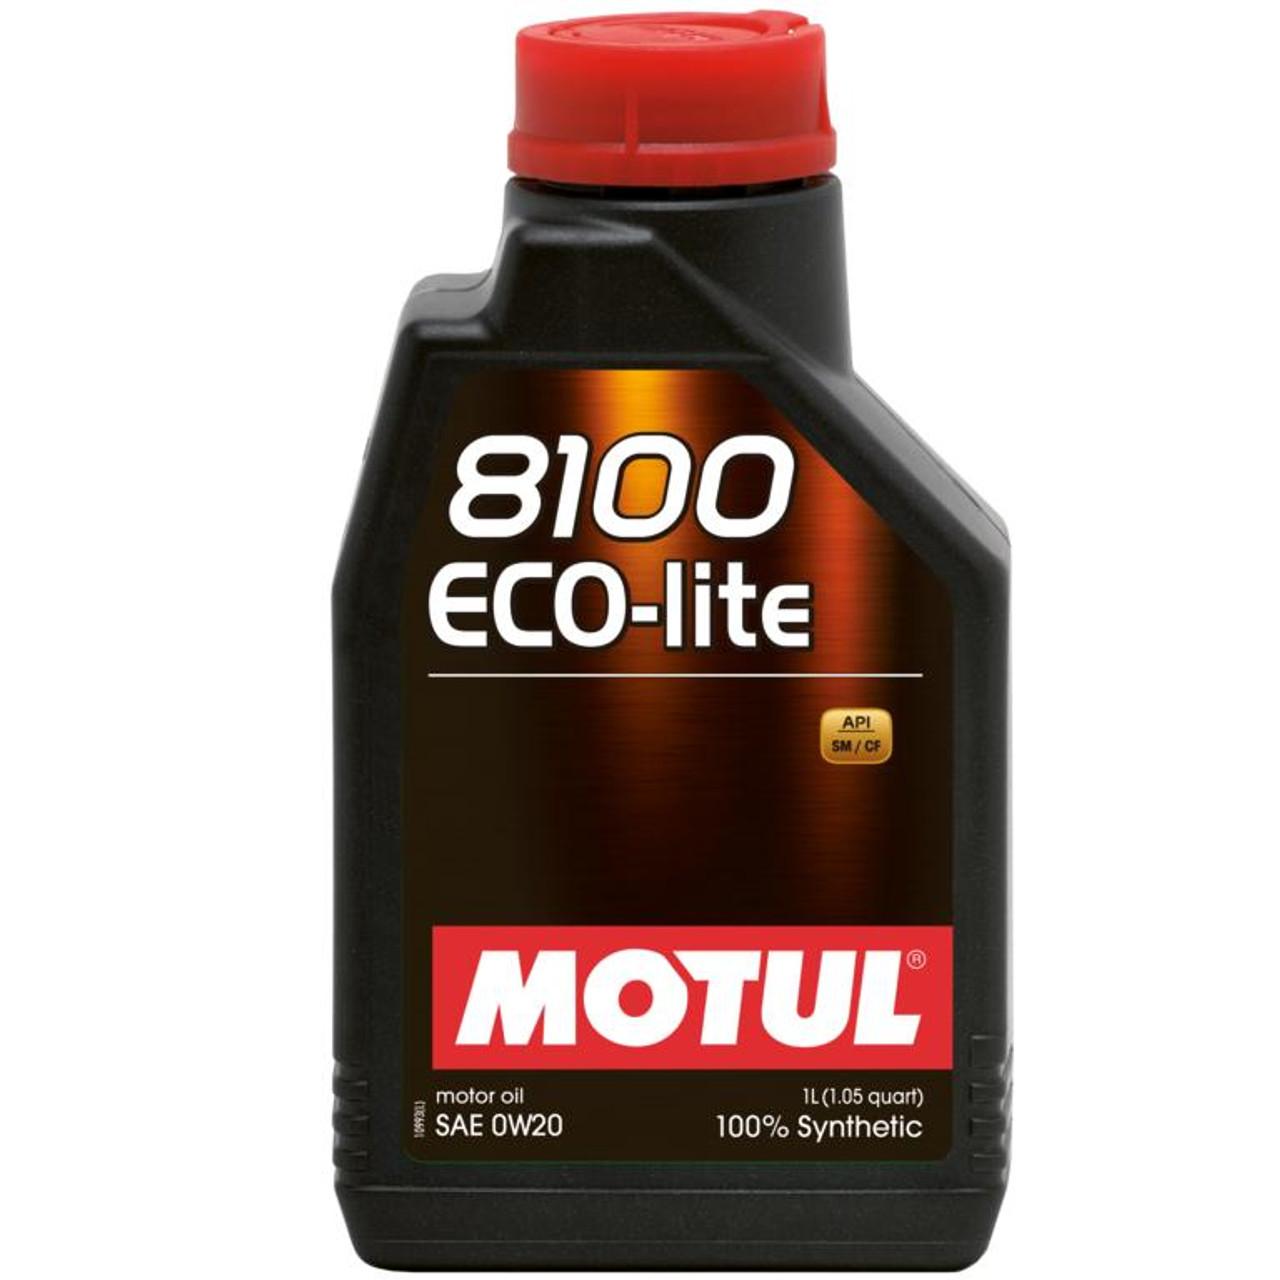 101525  -MOTUL Motor Oil - 8100 Series   Size: 1L Bottle (1.05 qt)